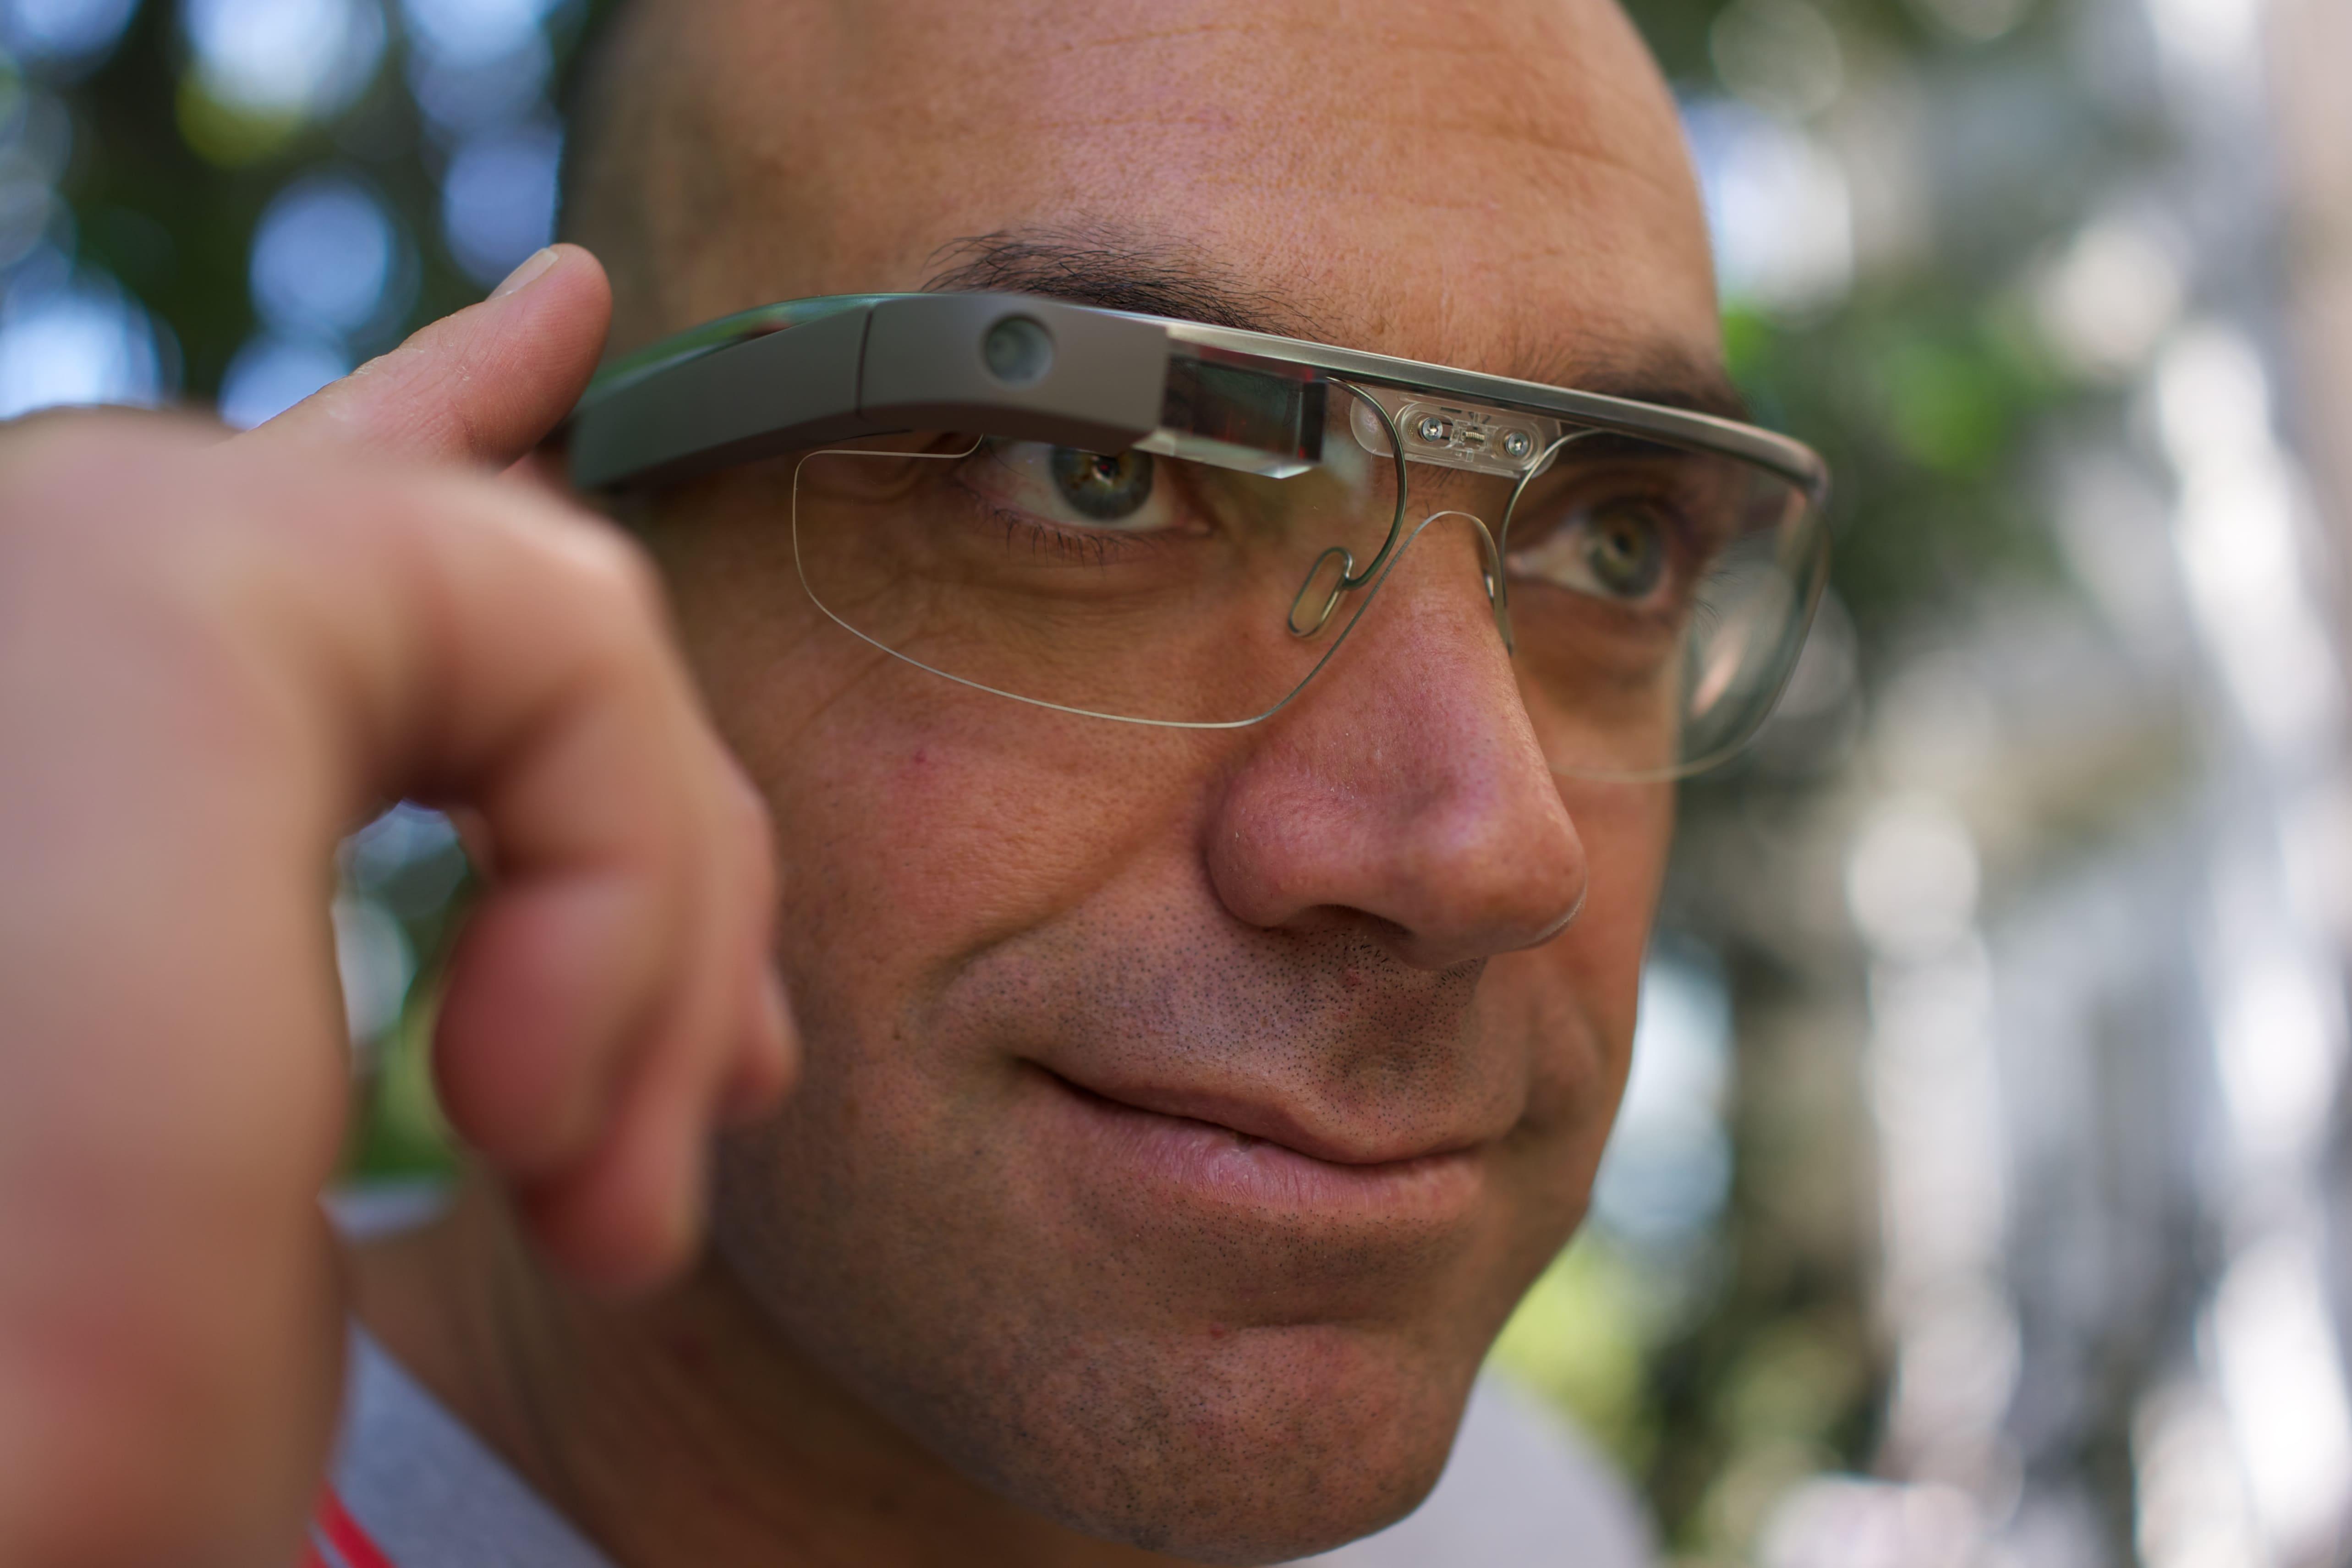 Умные очки Google Glass: узнайте, как стать киборгом с очками дополнительной реальности